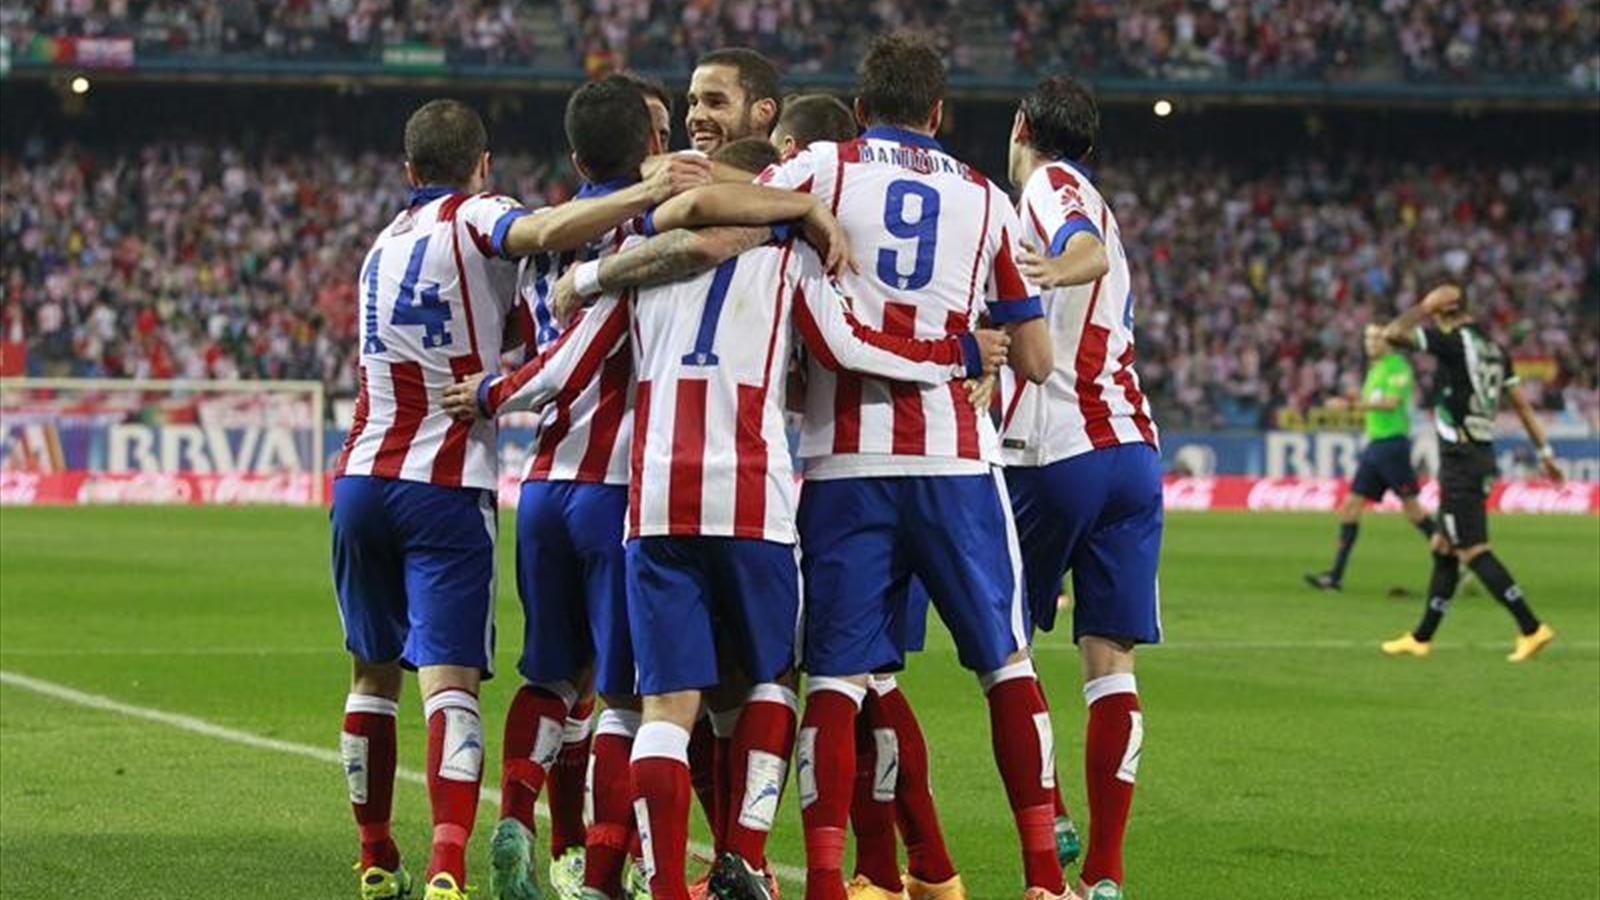 El Atlético de Madrid ingresará 6 millones € de una venta inesperada